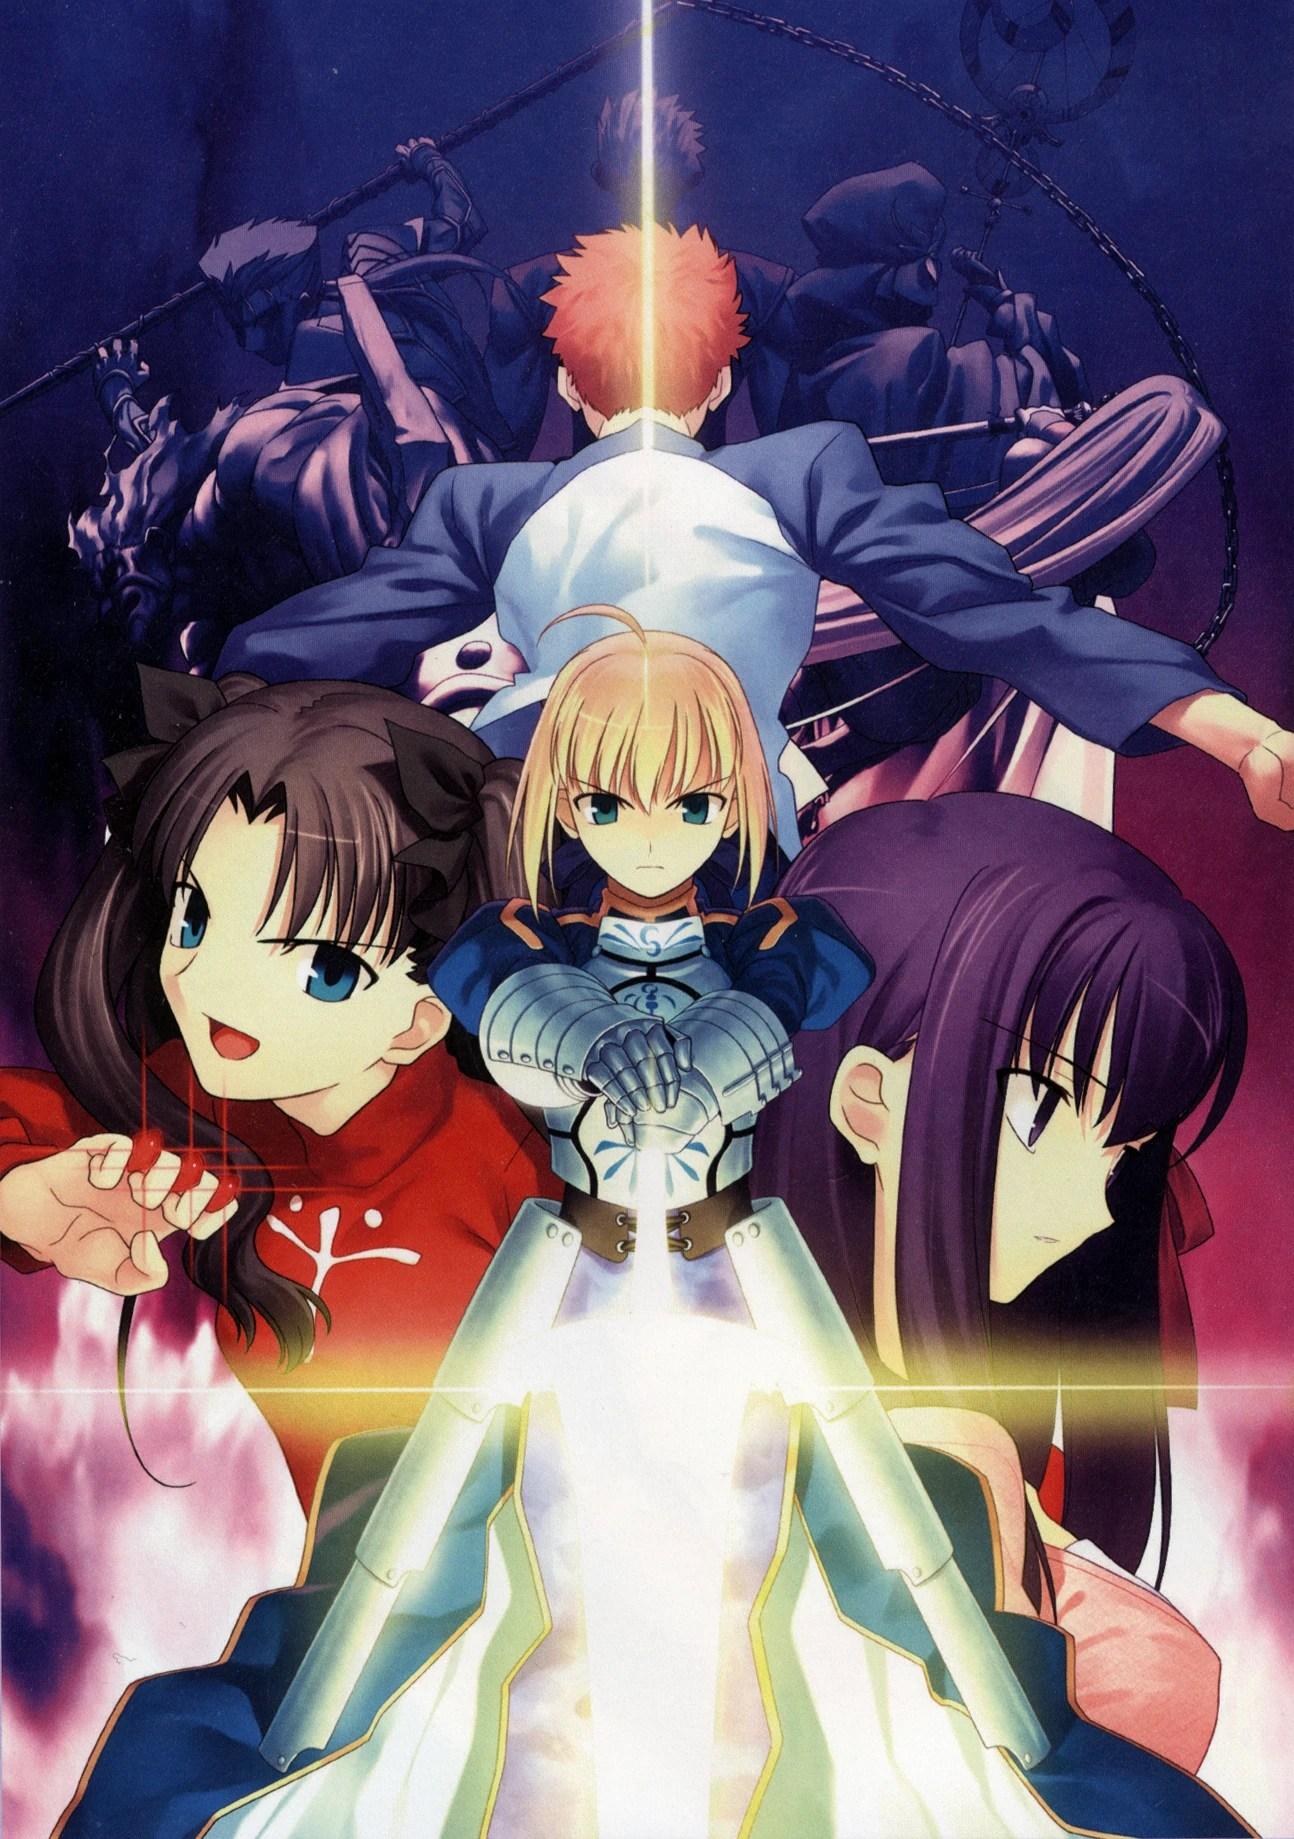 Red Anime Wallpaper 命運長夜 Fate Stay Night 線上看 最全在線動畫 動漫收集網站 Www Oiihk Com